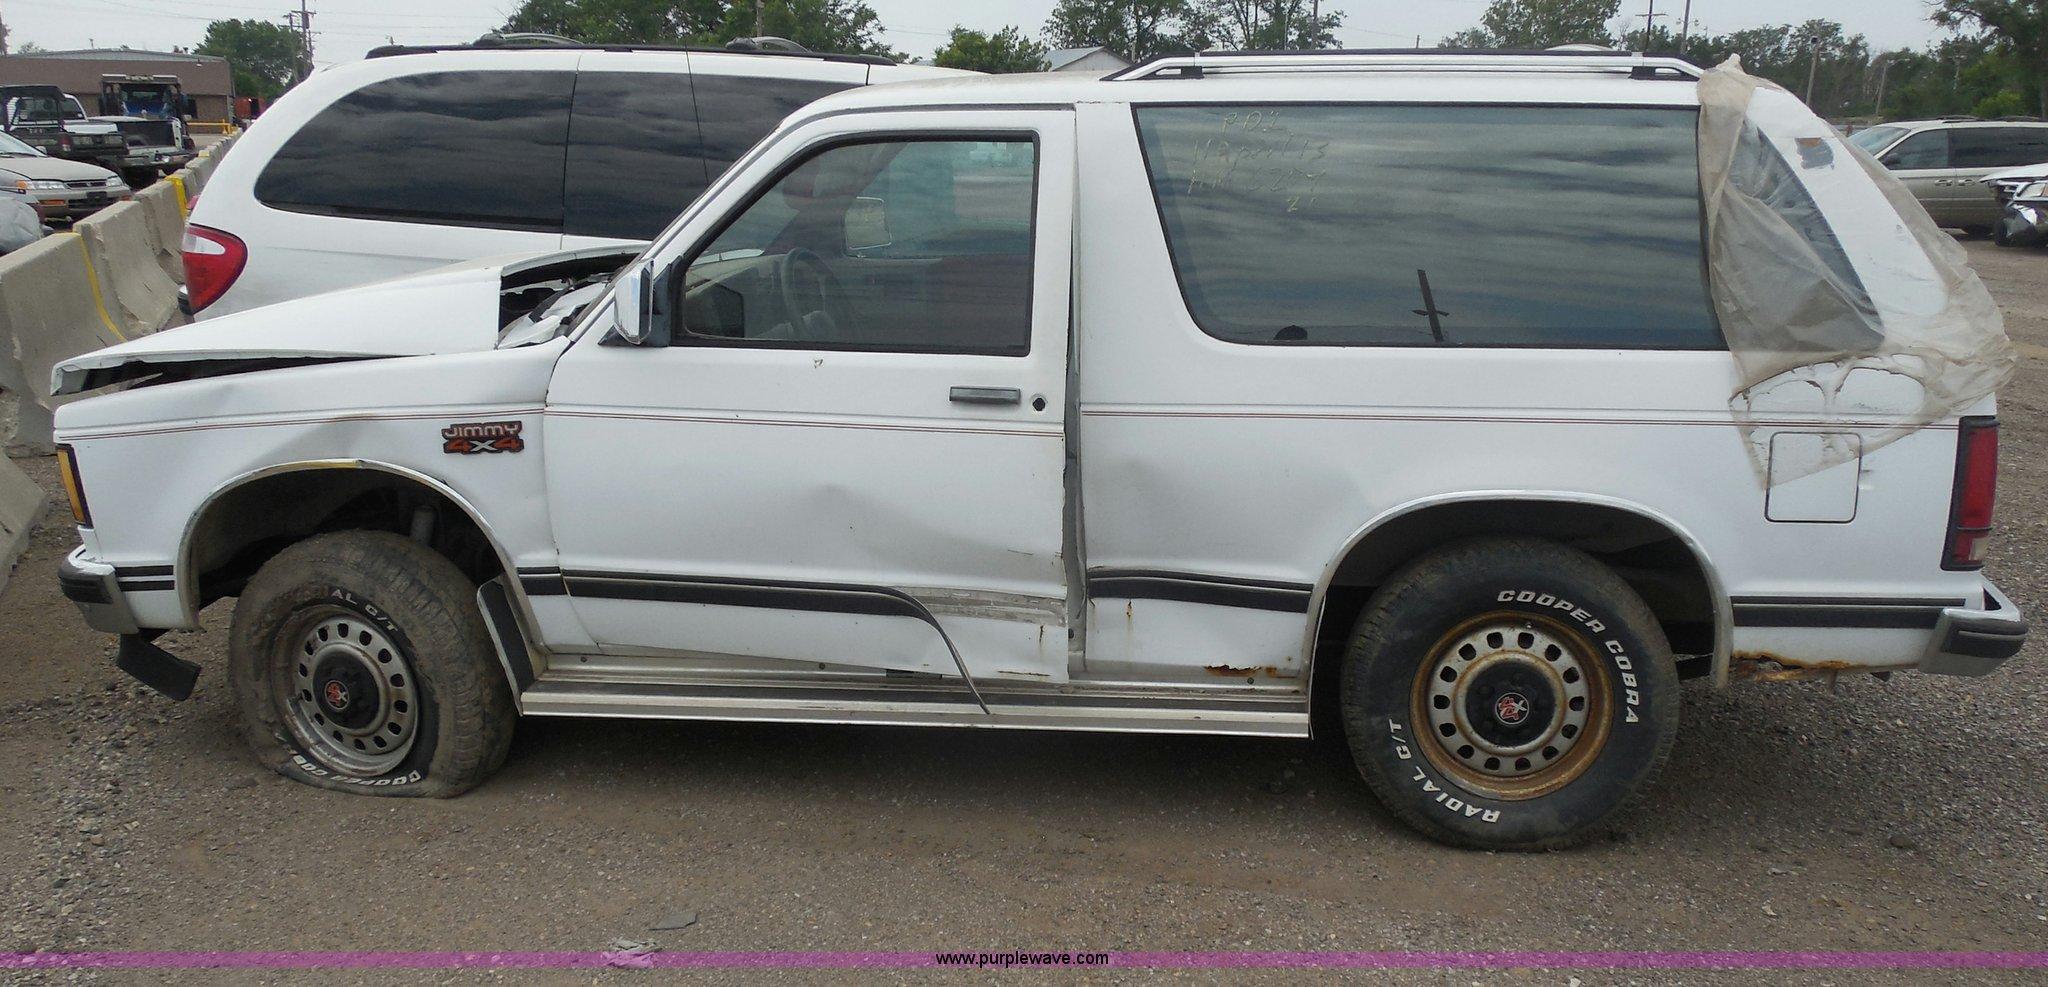 1988 GMC S15 Jimmy SUV | Item H9975 | SOLD! July 23 City of